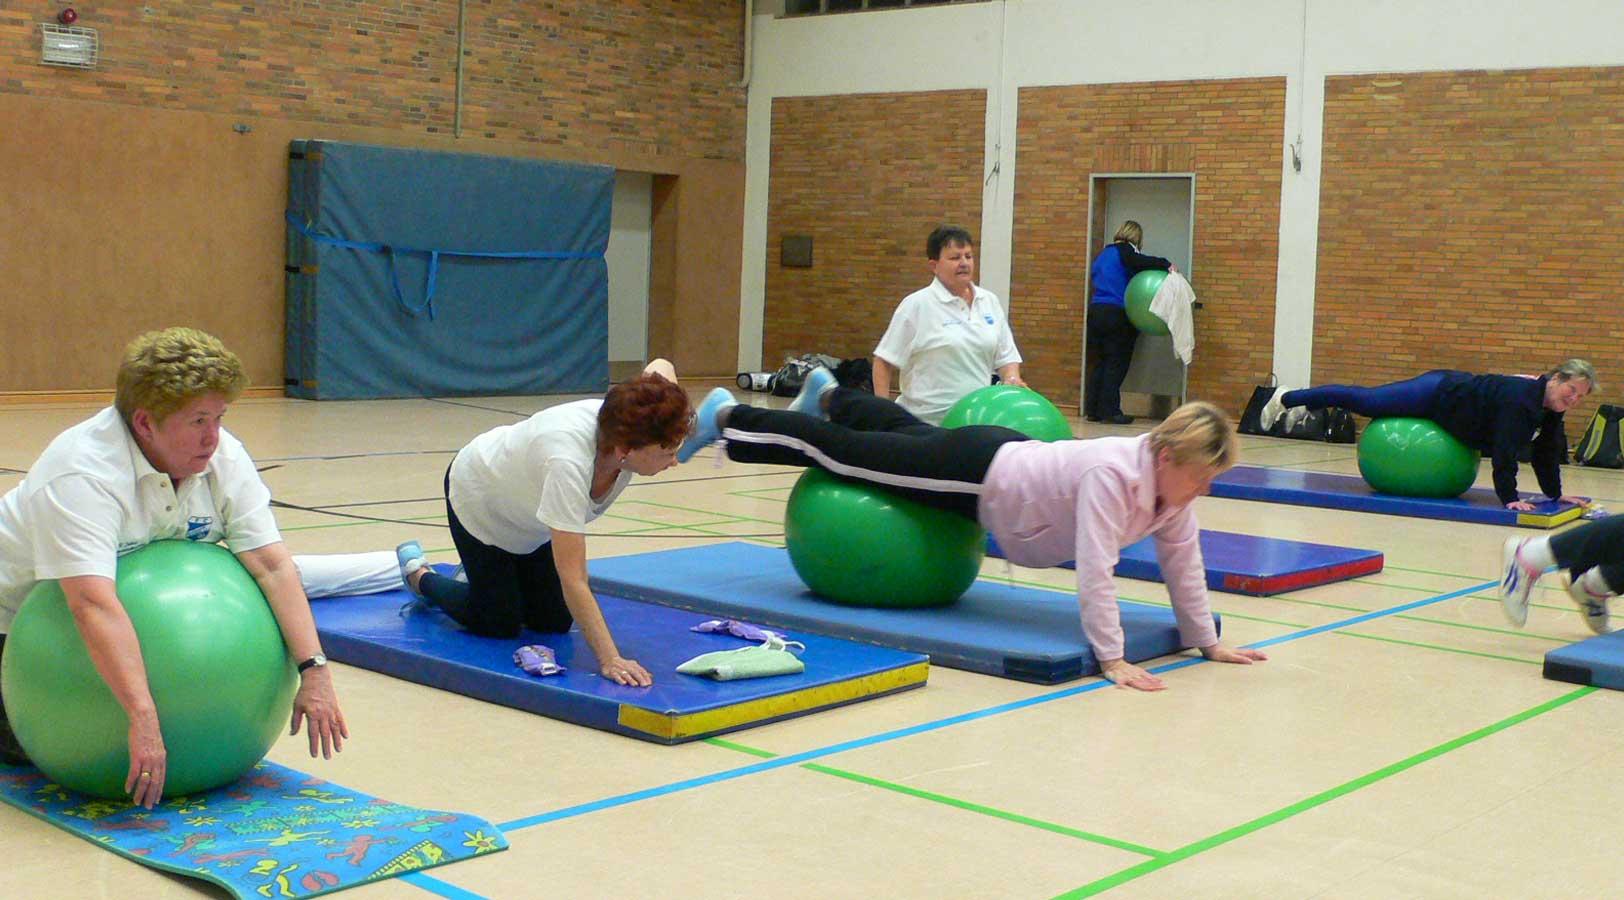 Trainingsstunde der Gymnastikgruppe mit Bällen